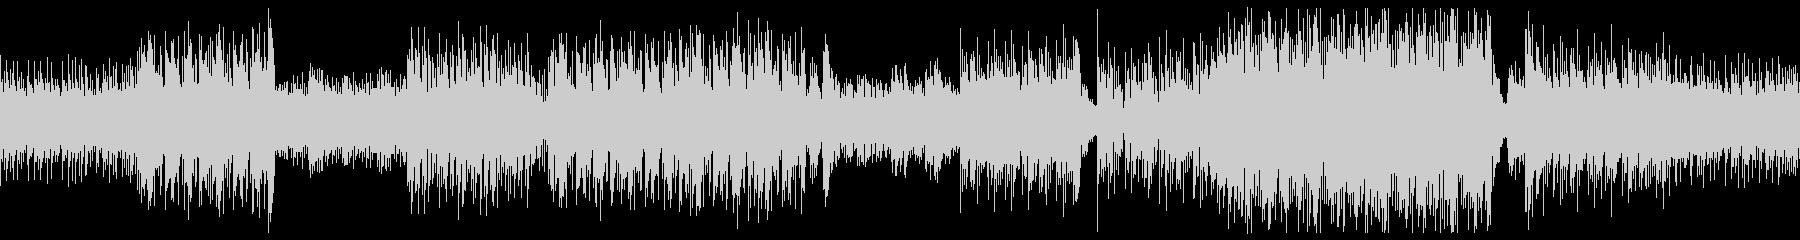 ゲーム用途のニューレトロBGM-Loopの未再生の波形